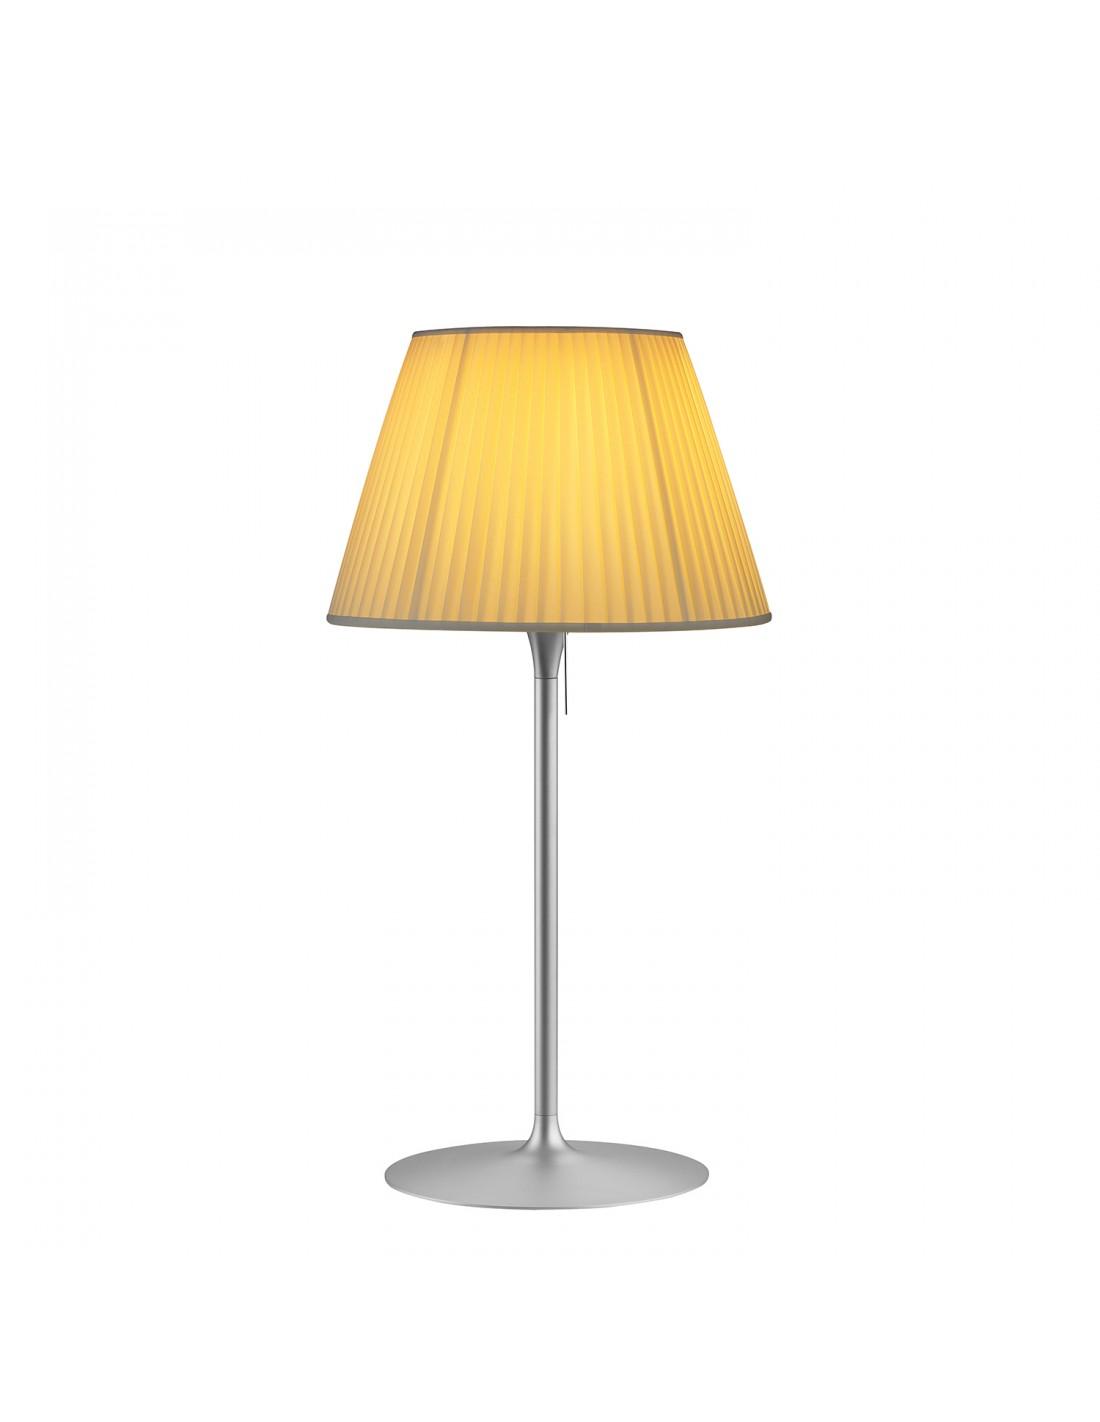 Lampe de table Roméo Soft T1 tissu plissé beige par Philippe Starck pour la marque flos chez Valente Design